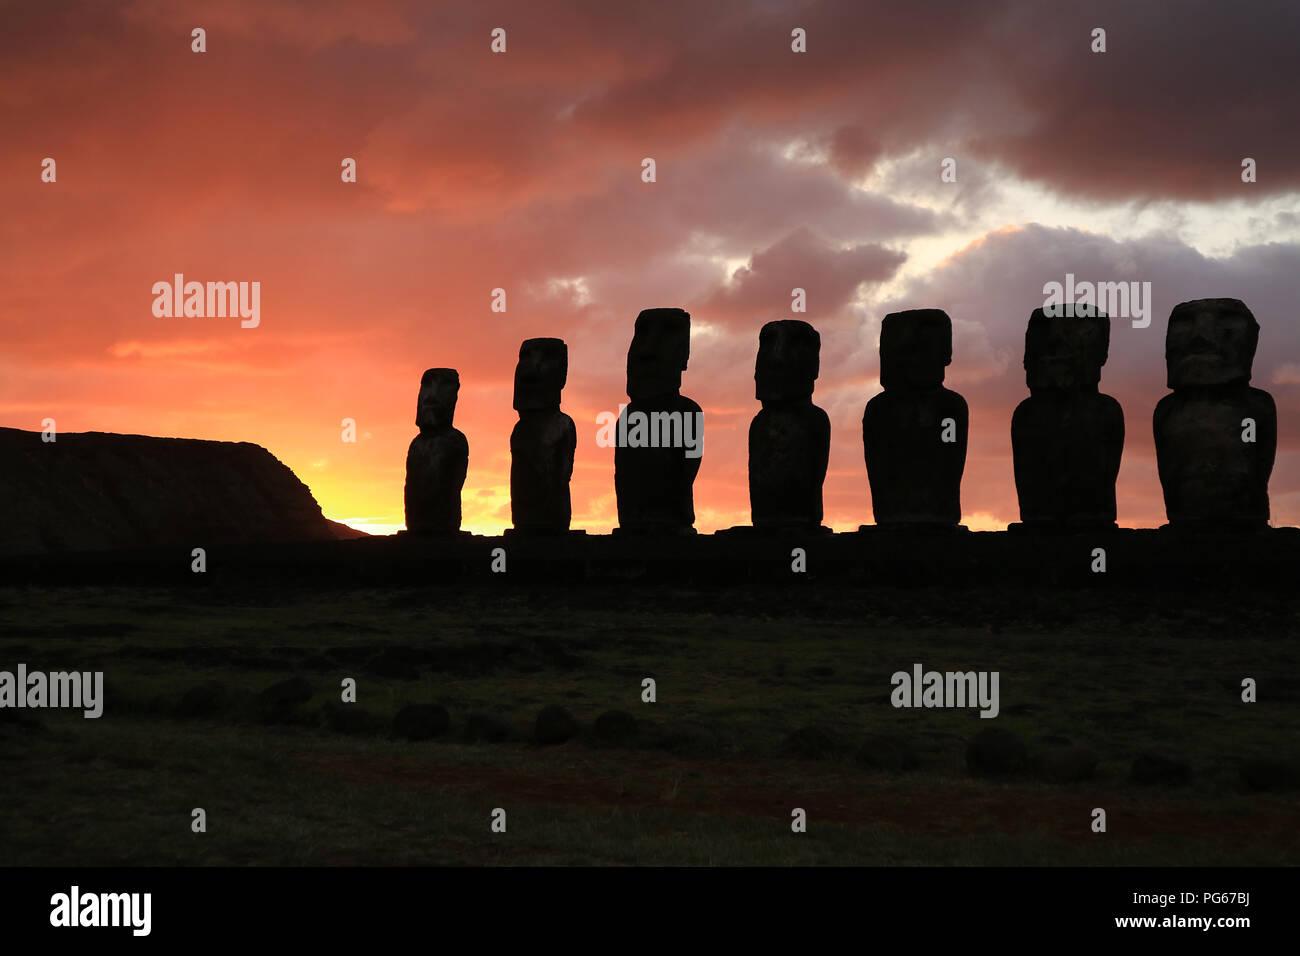 Silhouette d'énormes statues Moai de l'ahu Tongariki contre beau lever ciel nuageux, site archéologique de l'île de Pâques, Chili Photo Stock